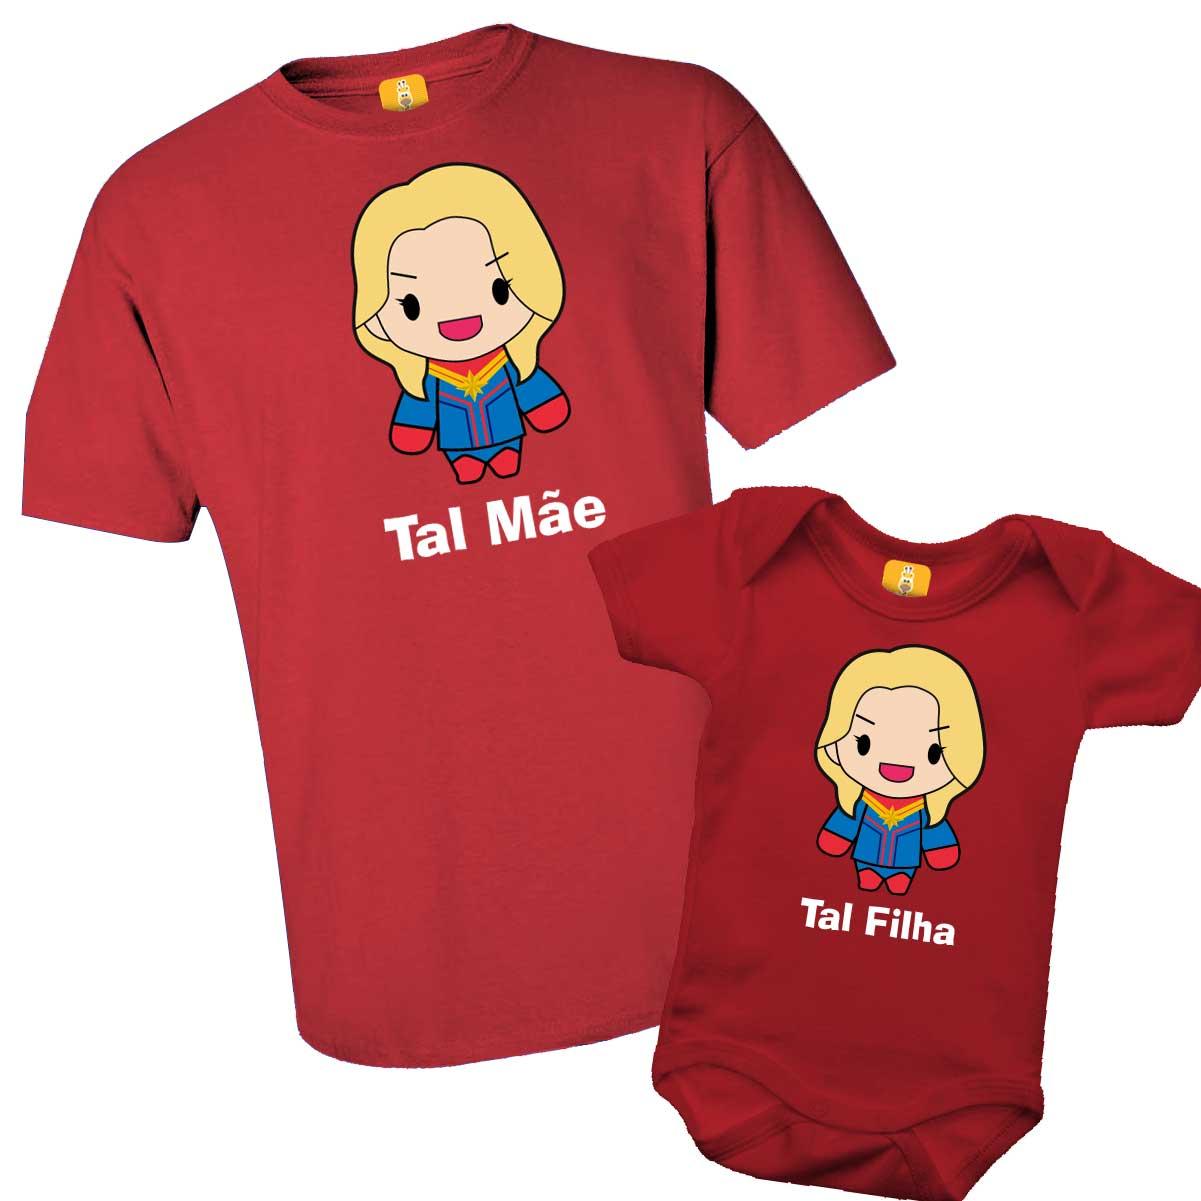 Kit camiseta tal mãe, tal filha - Capitã Marvel